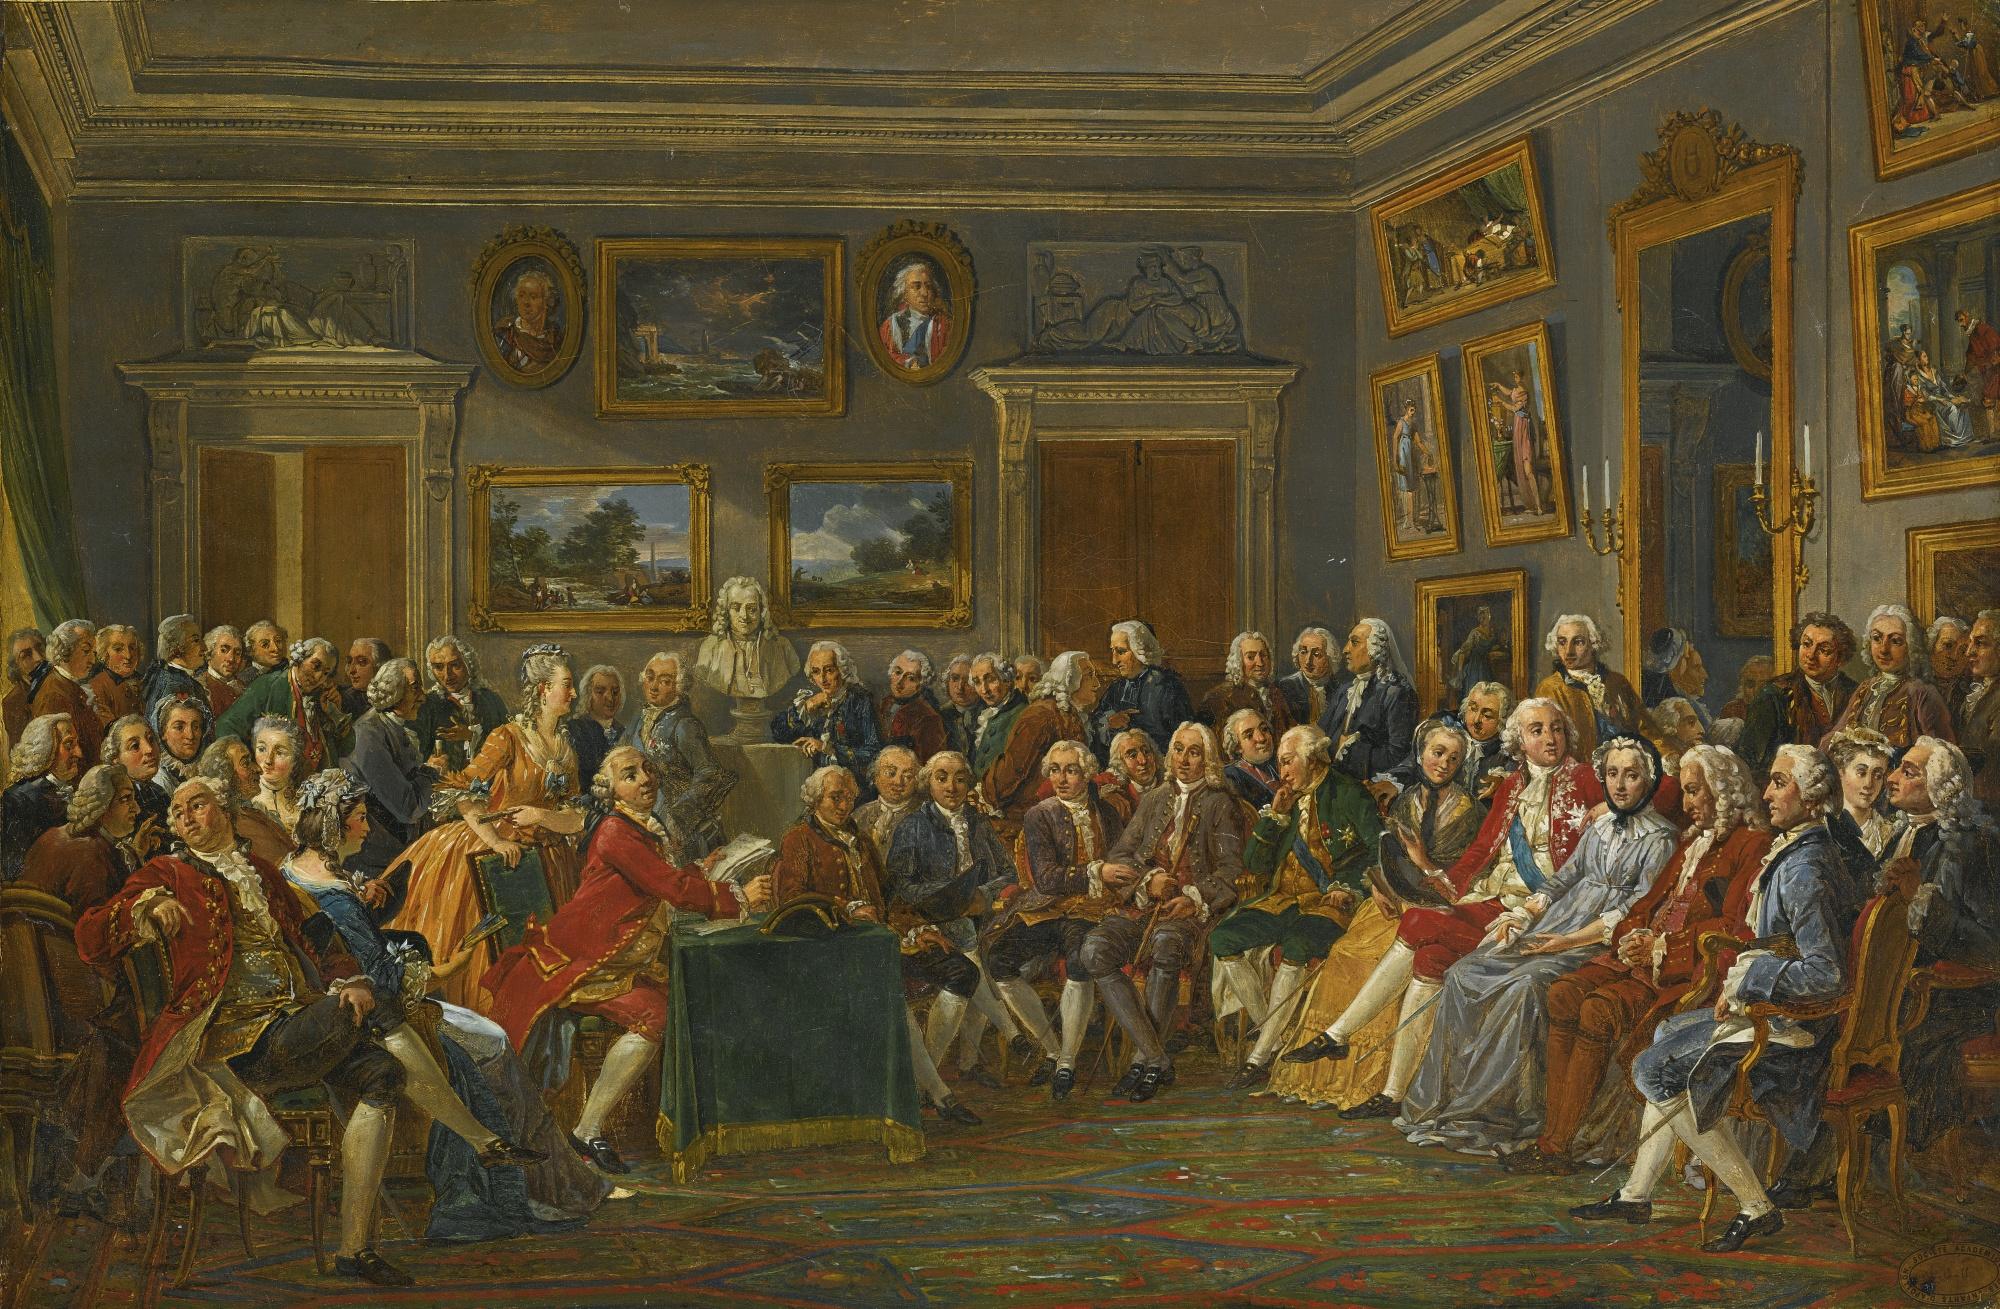 Le fameux salon de madame Geoffrin, où les plus illustres figures des Lumières se pressaient pour débattre de la place de l'homme – et de la femme – dans l'univers.